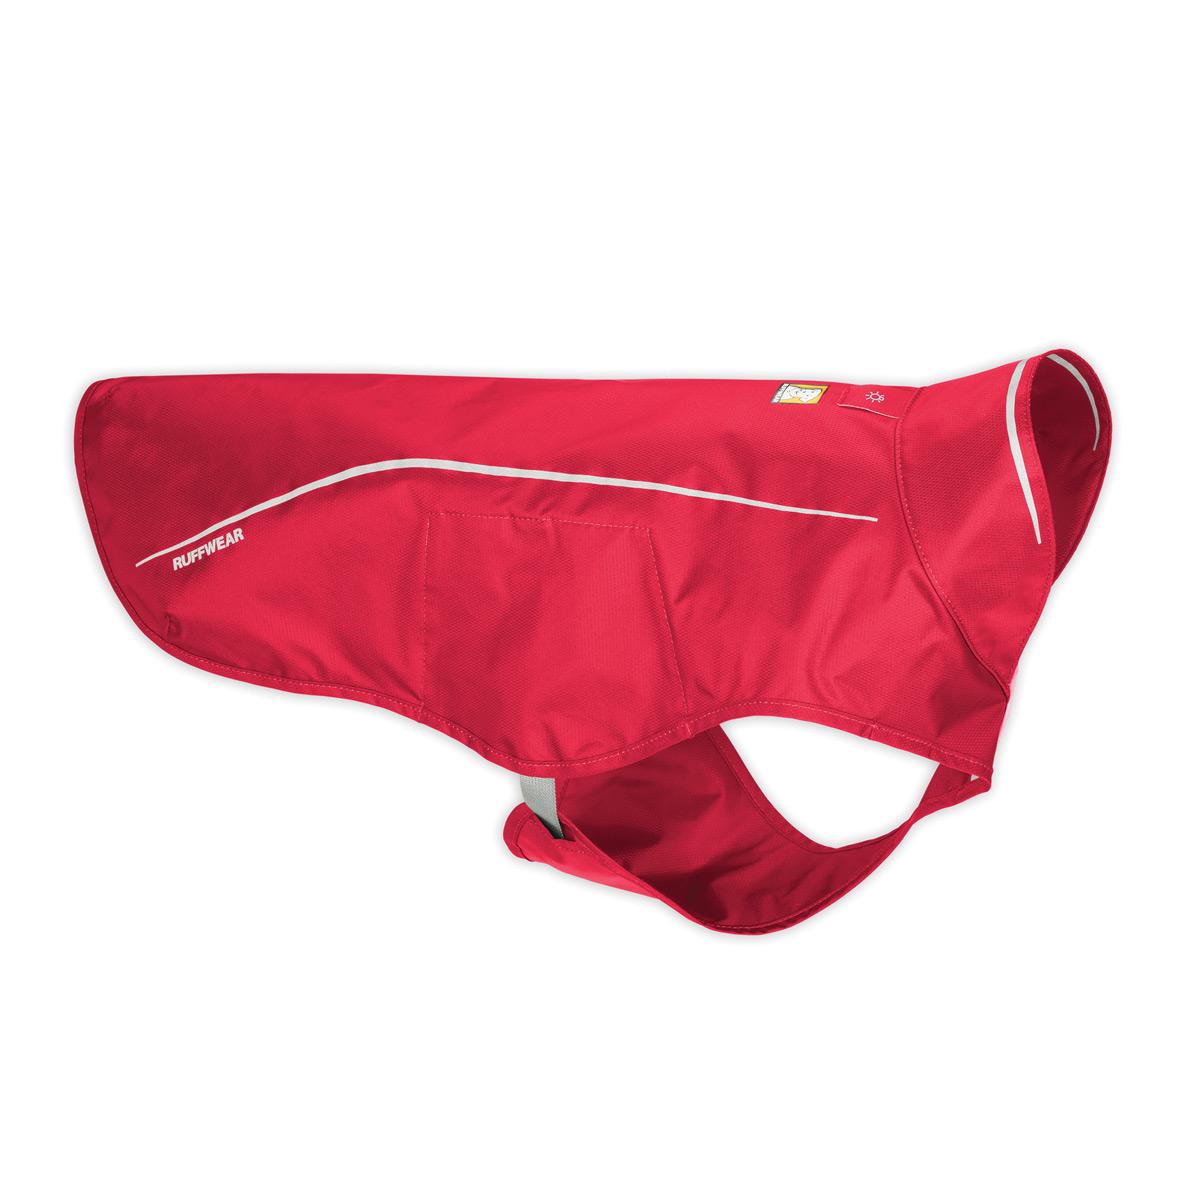 Sun Shower Dog Rain Jacket by RuffWear - Red Currant